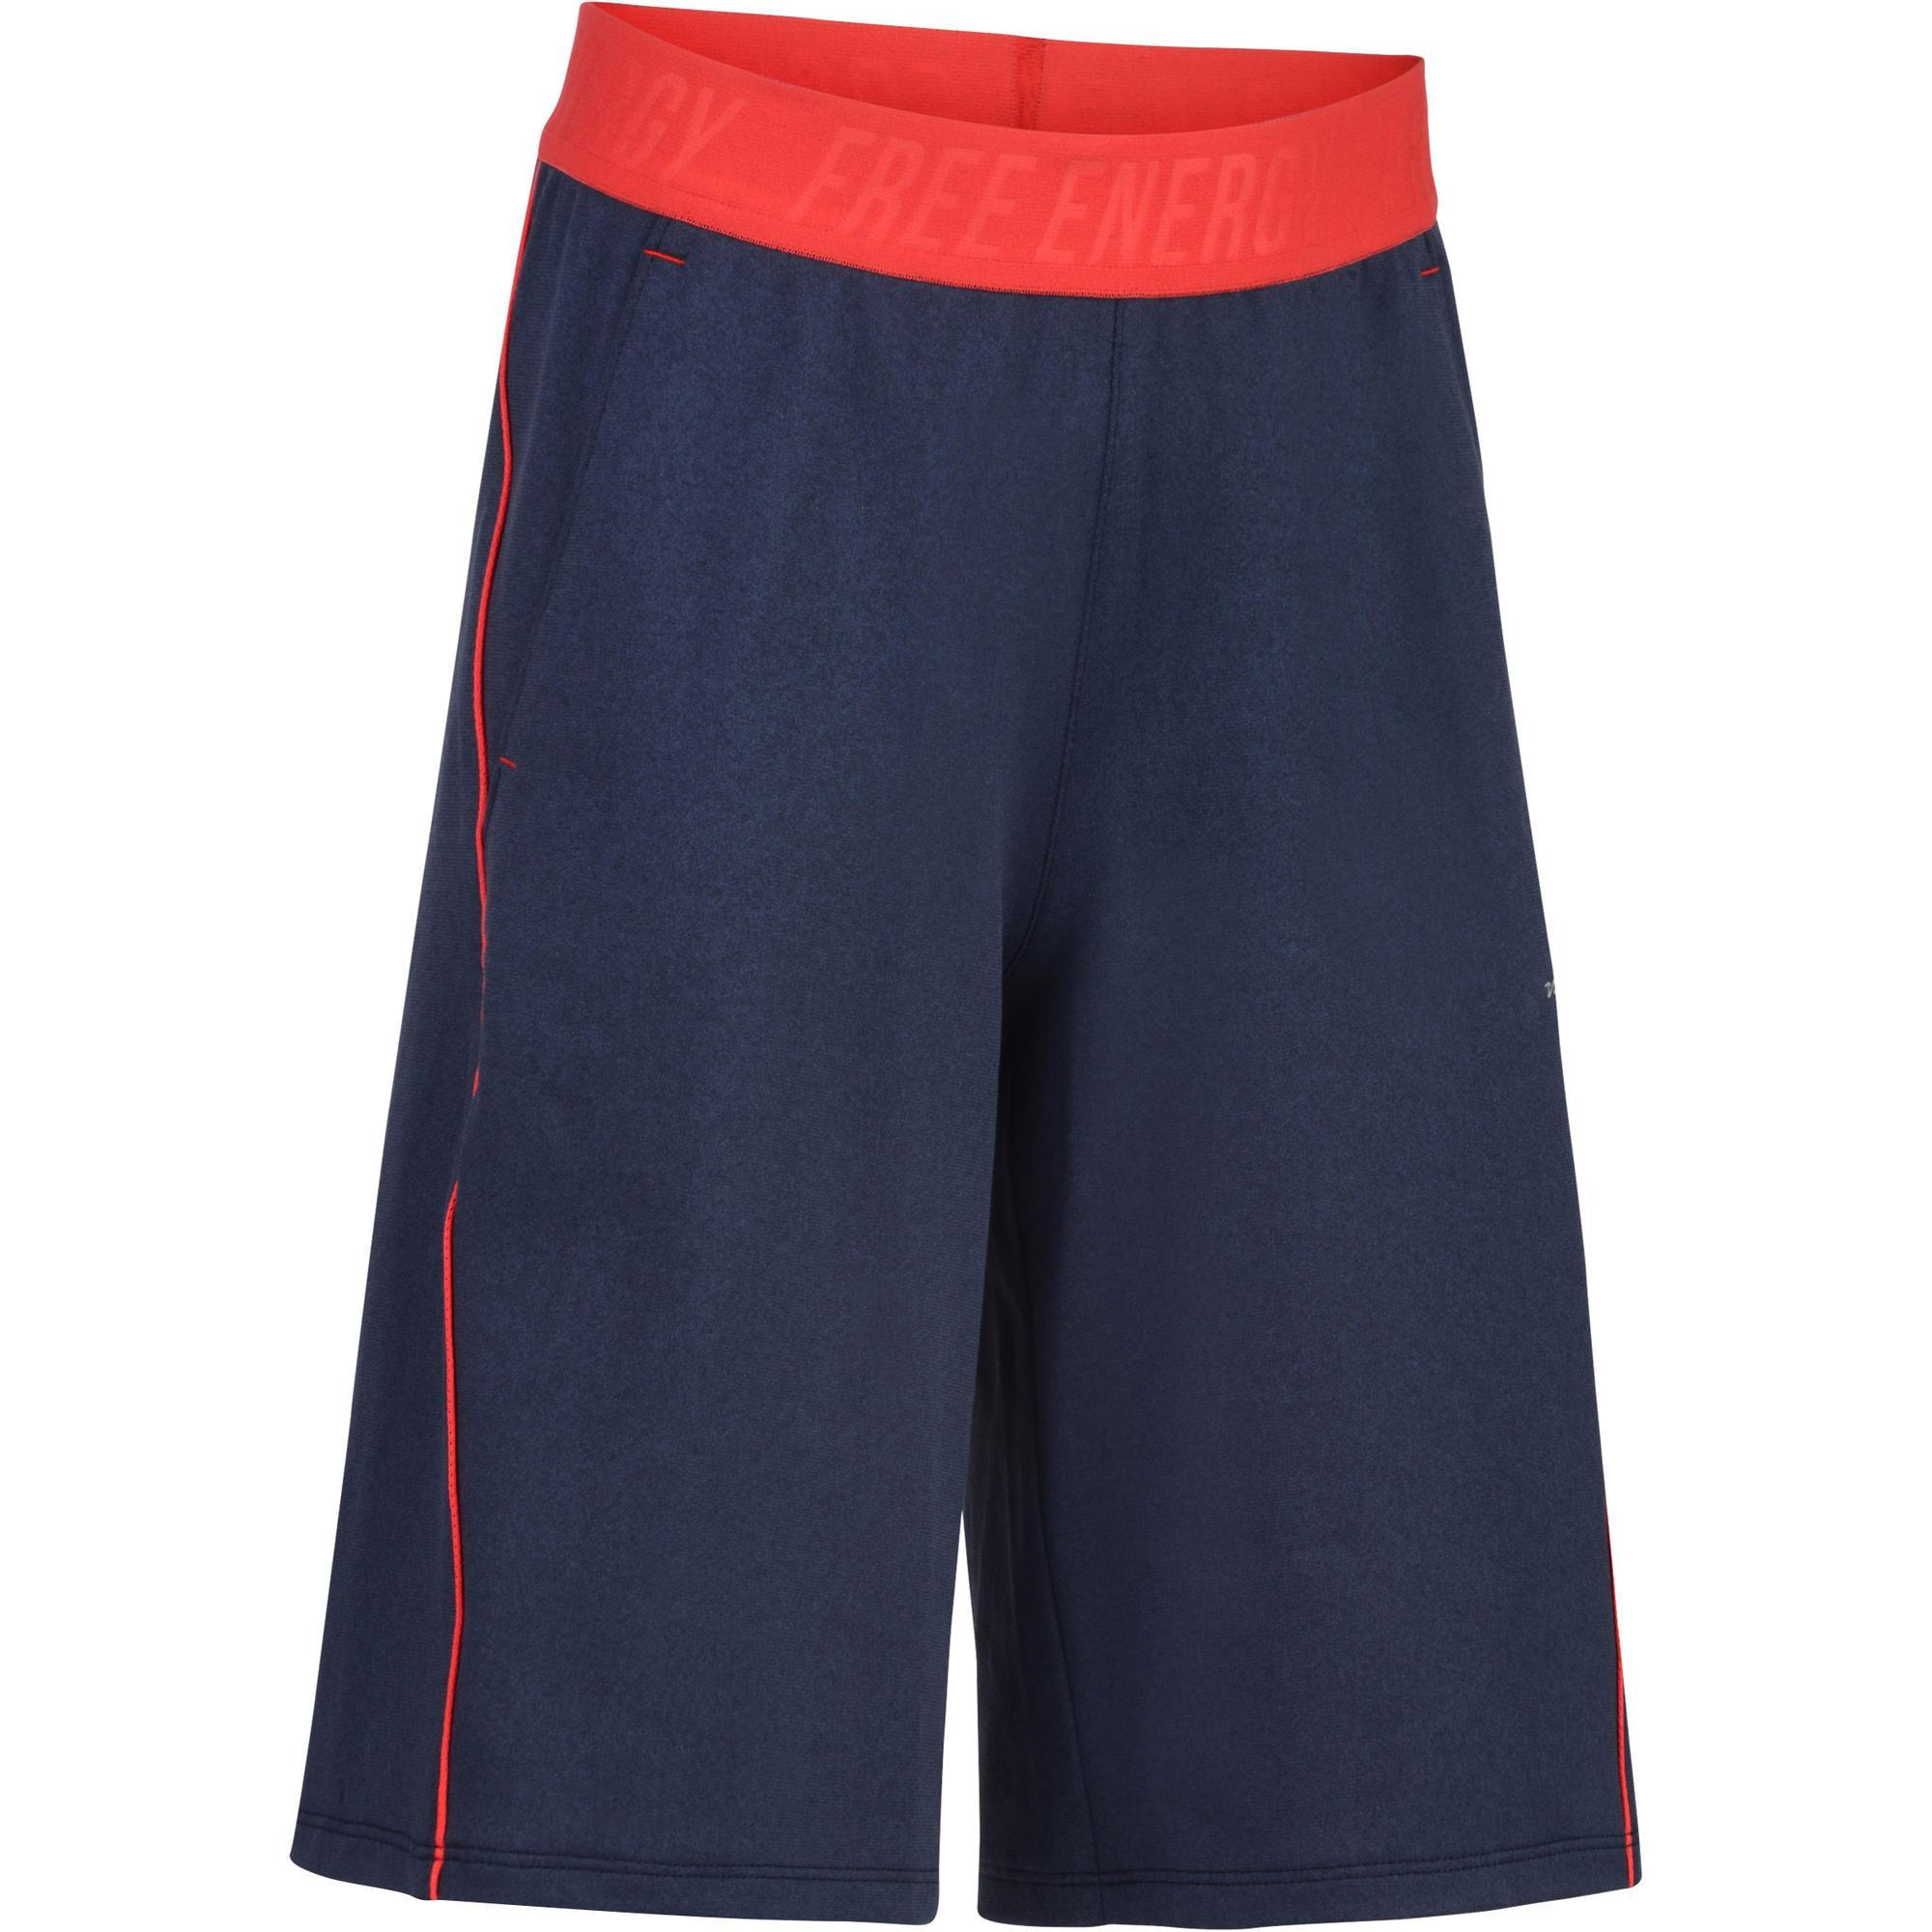 Jungen,Kinder,Kinder Sporthose kurz S900 Gym Kinder blau rot | 03608419236859